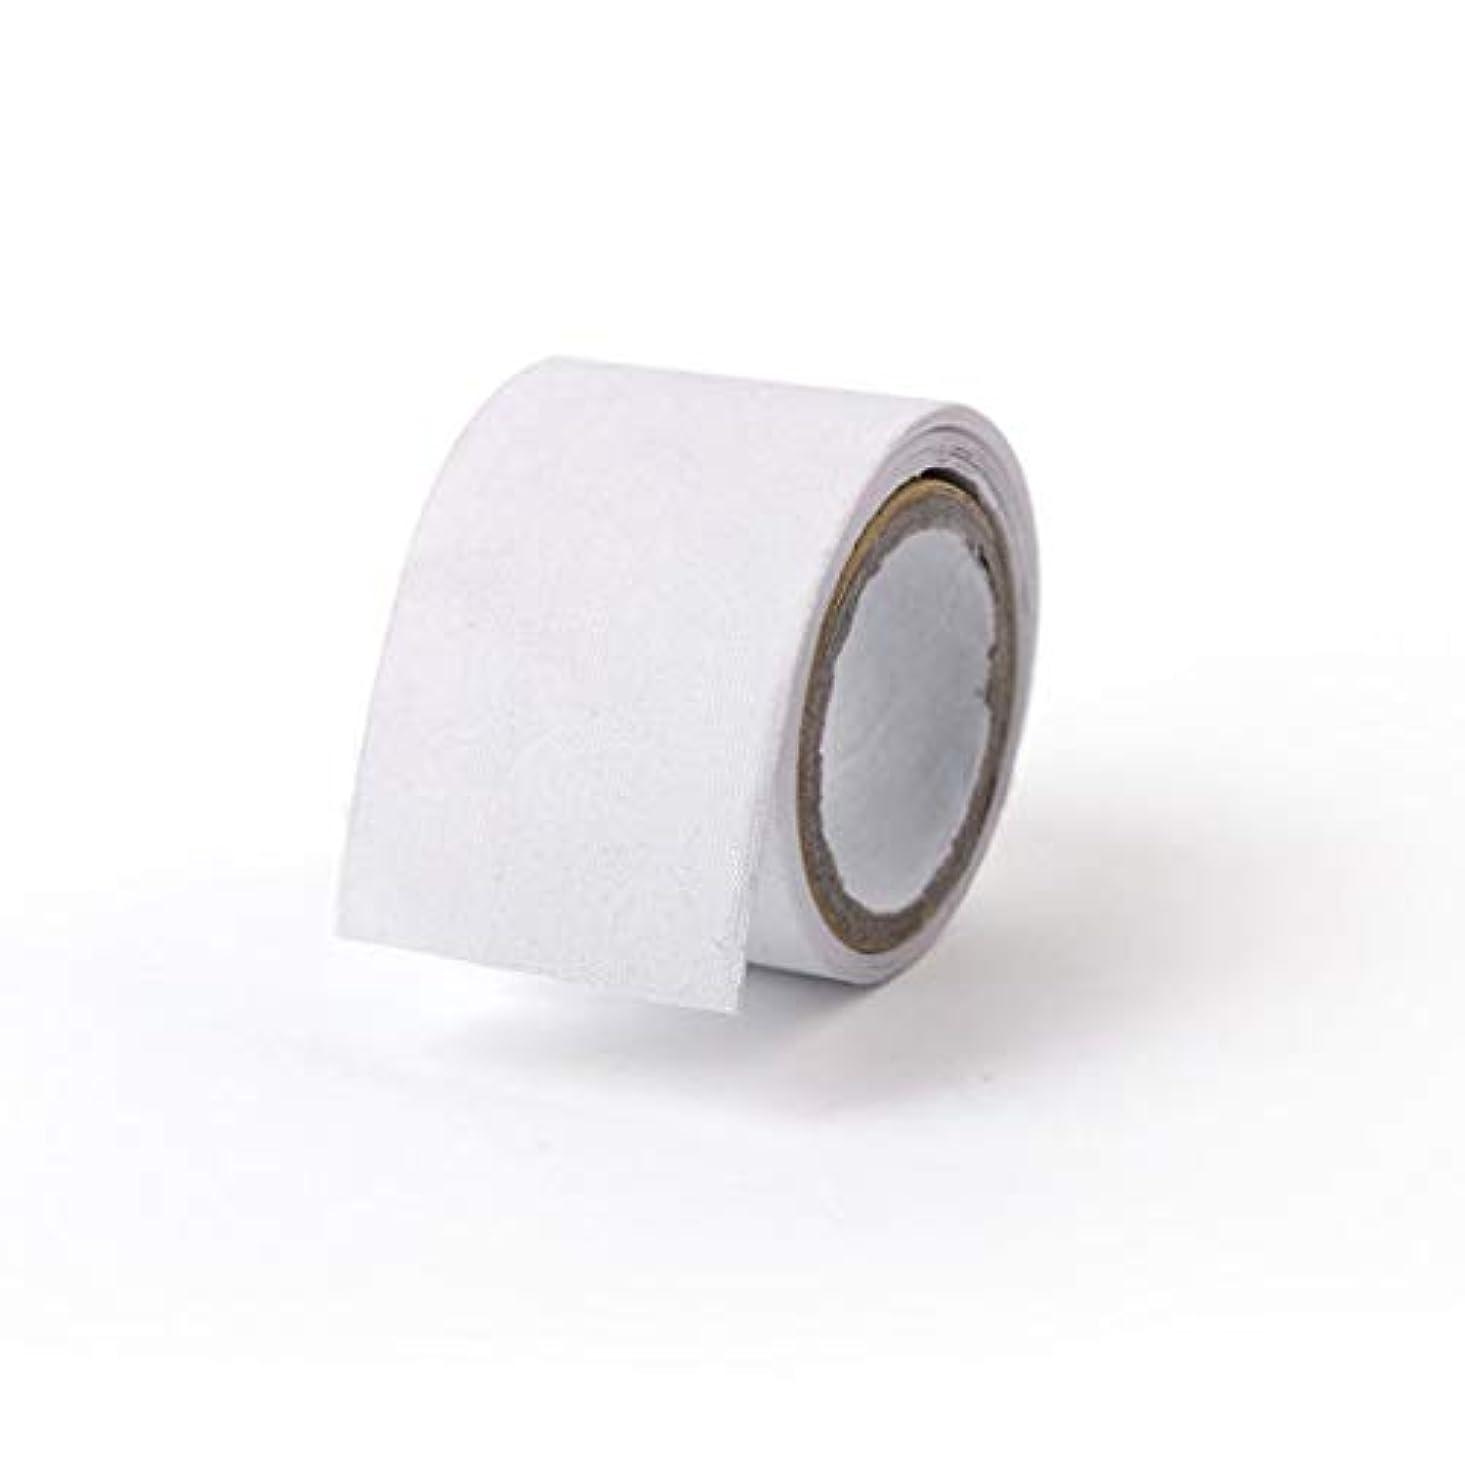 カルシウムアラバマ見ました1st market マニキュアシルクネイルラップネイルアートセルフスティックツールは白1ロールが含まれています丈夫で便利